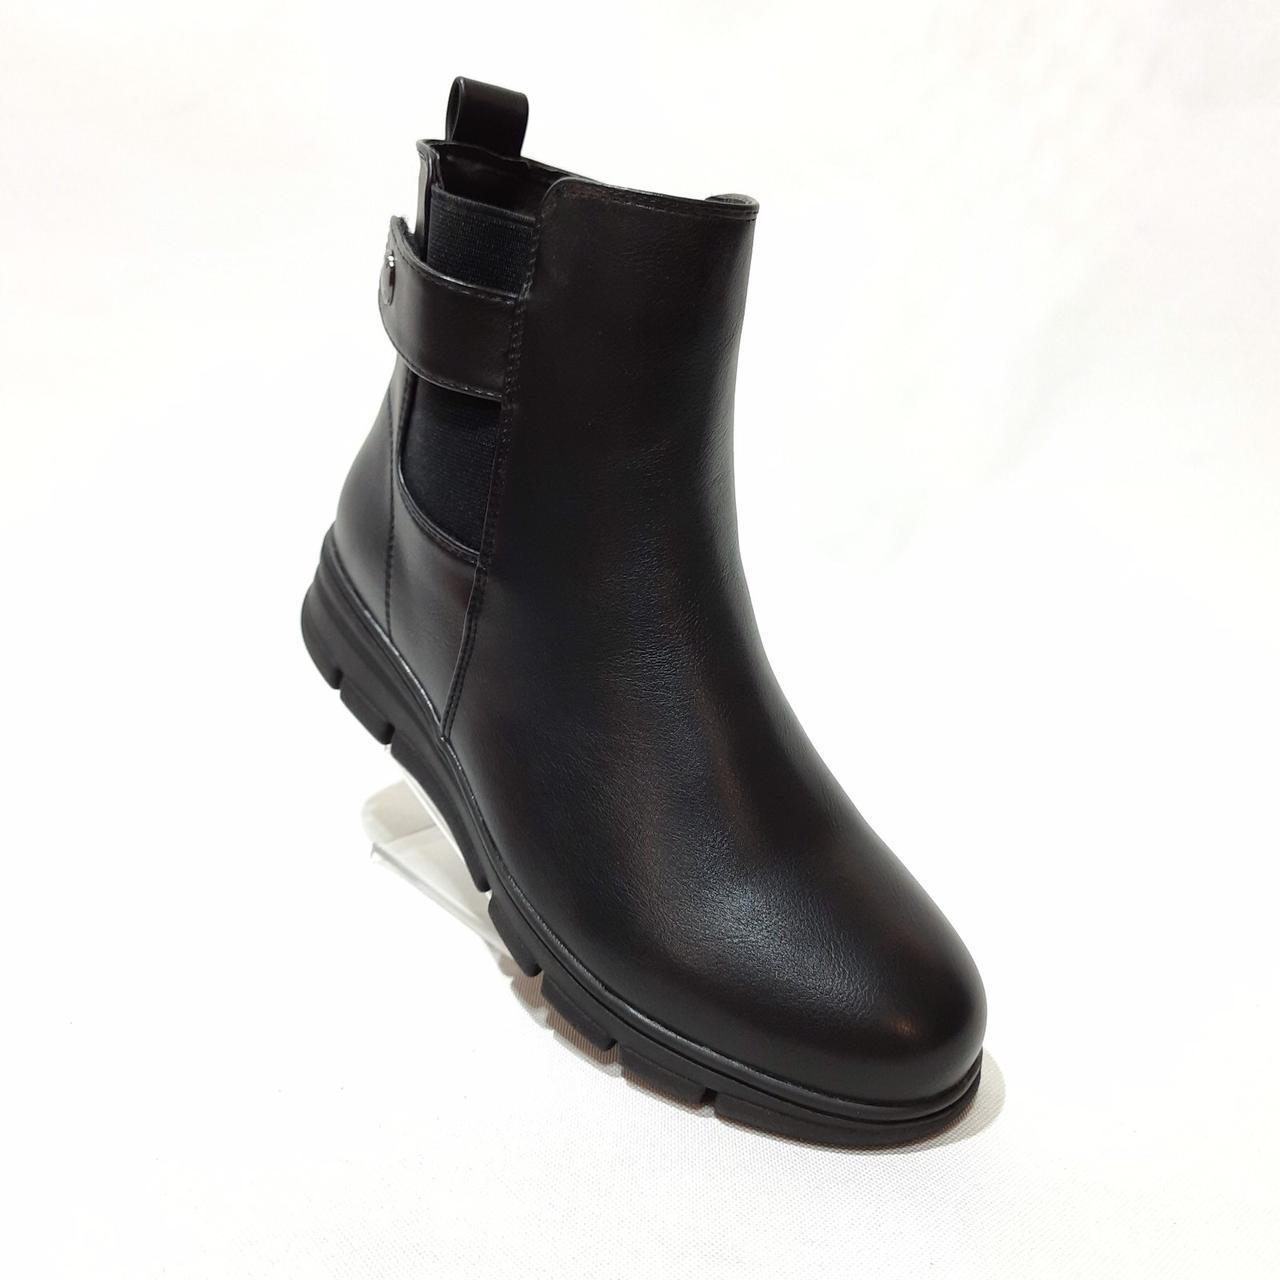 42 р. Жіночі весняні черевики з еко-шкіри Остання пара